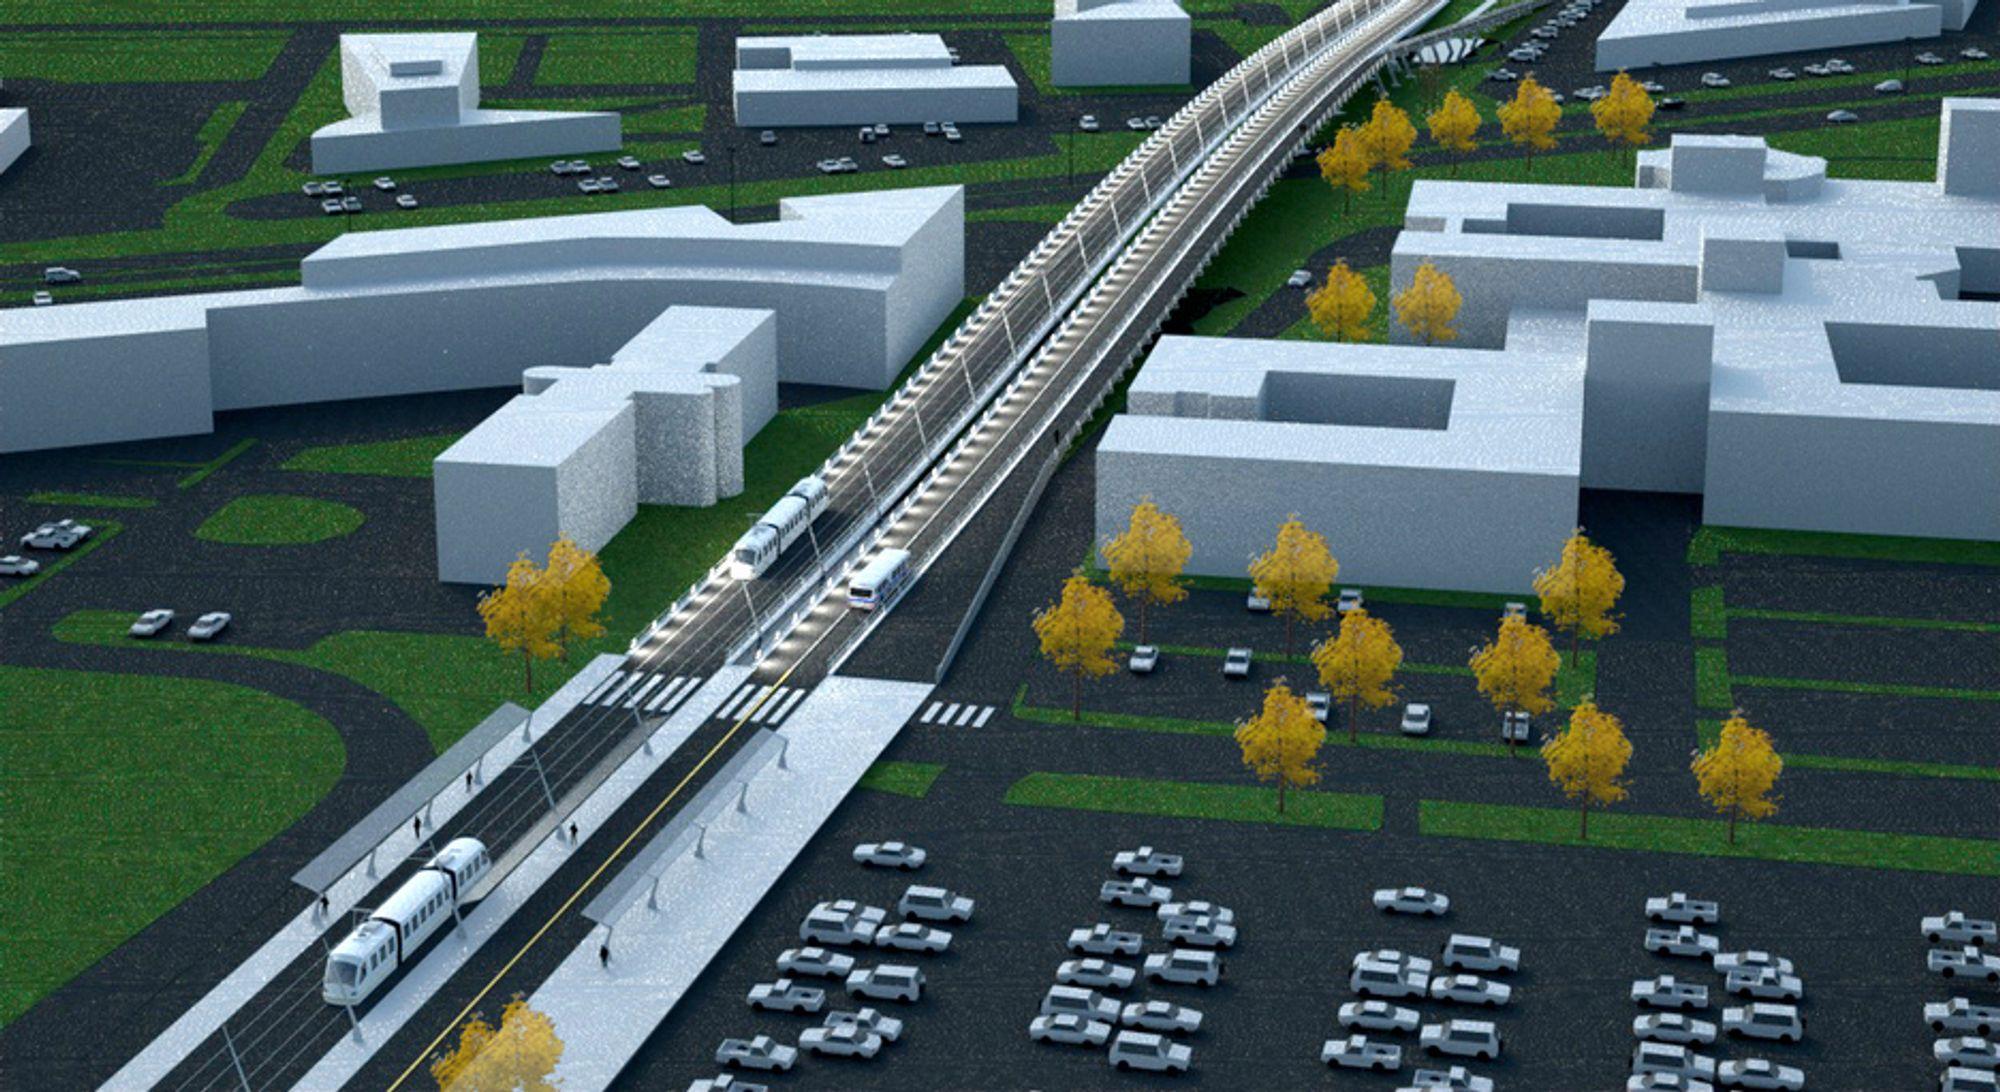 Bybane i Stavanger er ett eksempel på hva klimakvotepengene kan gå til, mener Venstre.